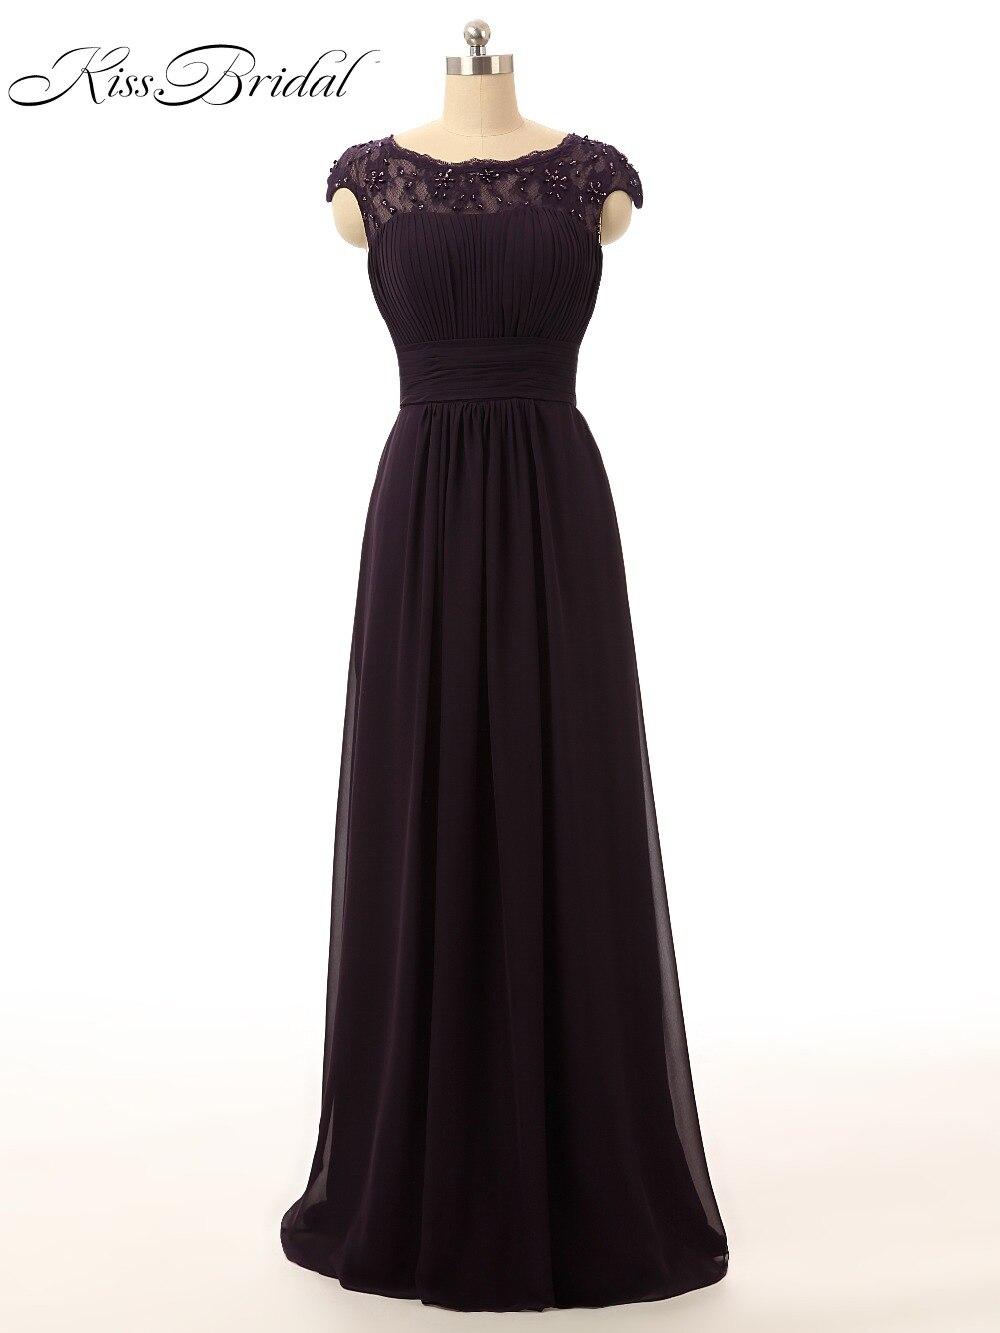 2017 Sexy A-line Abendkleider Mit Sleeveless Lace Up Zurück Bodenlangen Formales Abschlussball-partei Kleider Robe De Soiree Durch Wissenschaftlichen Prozess